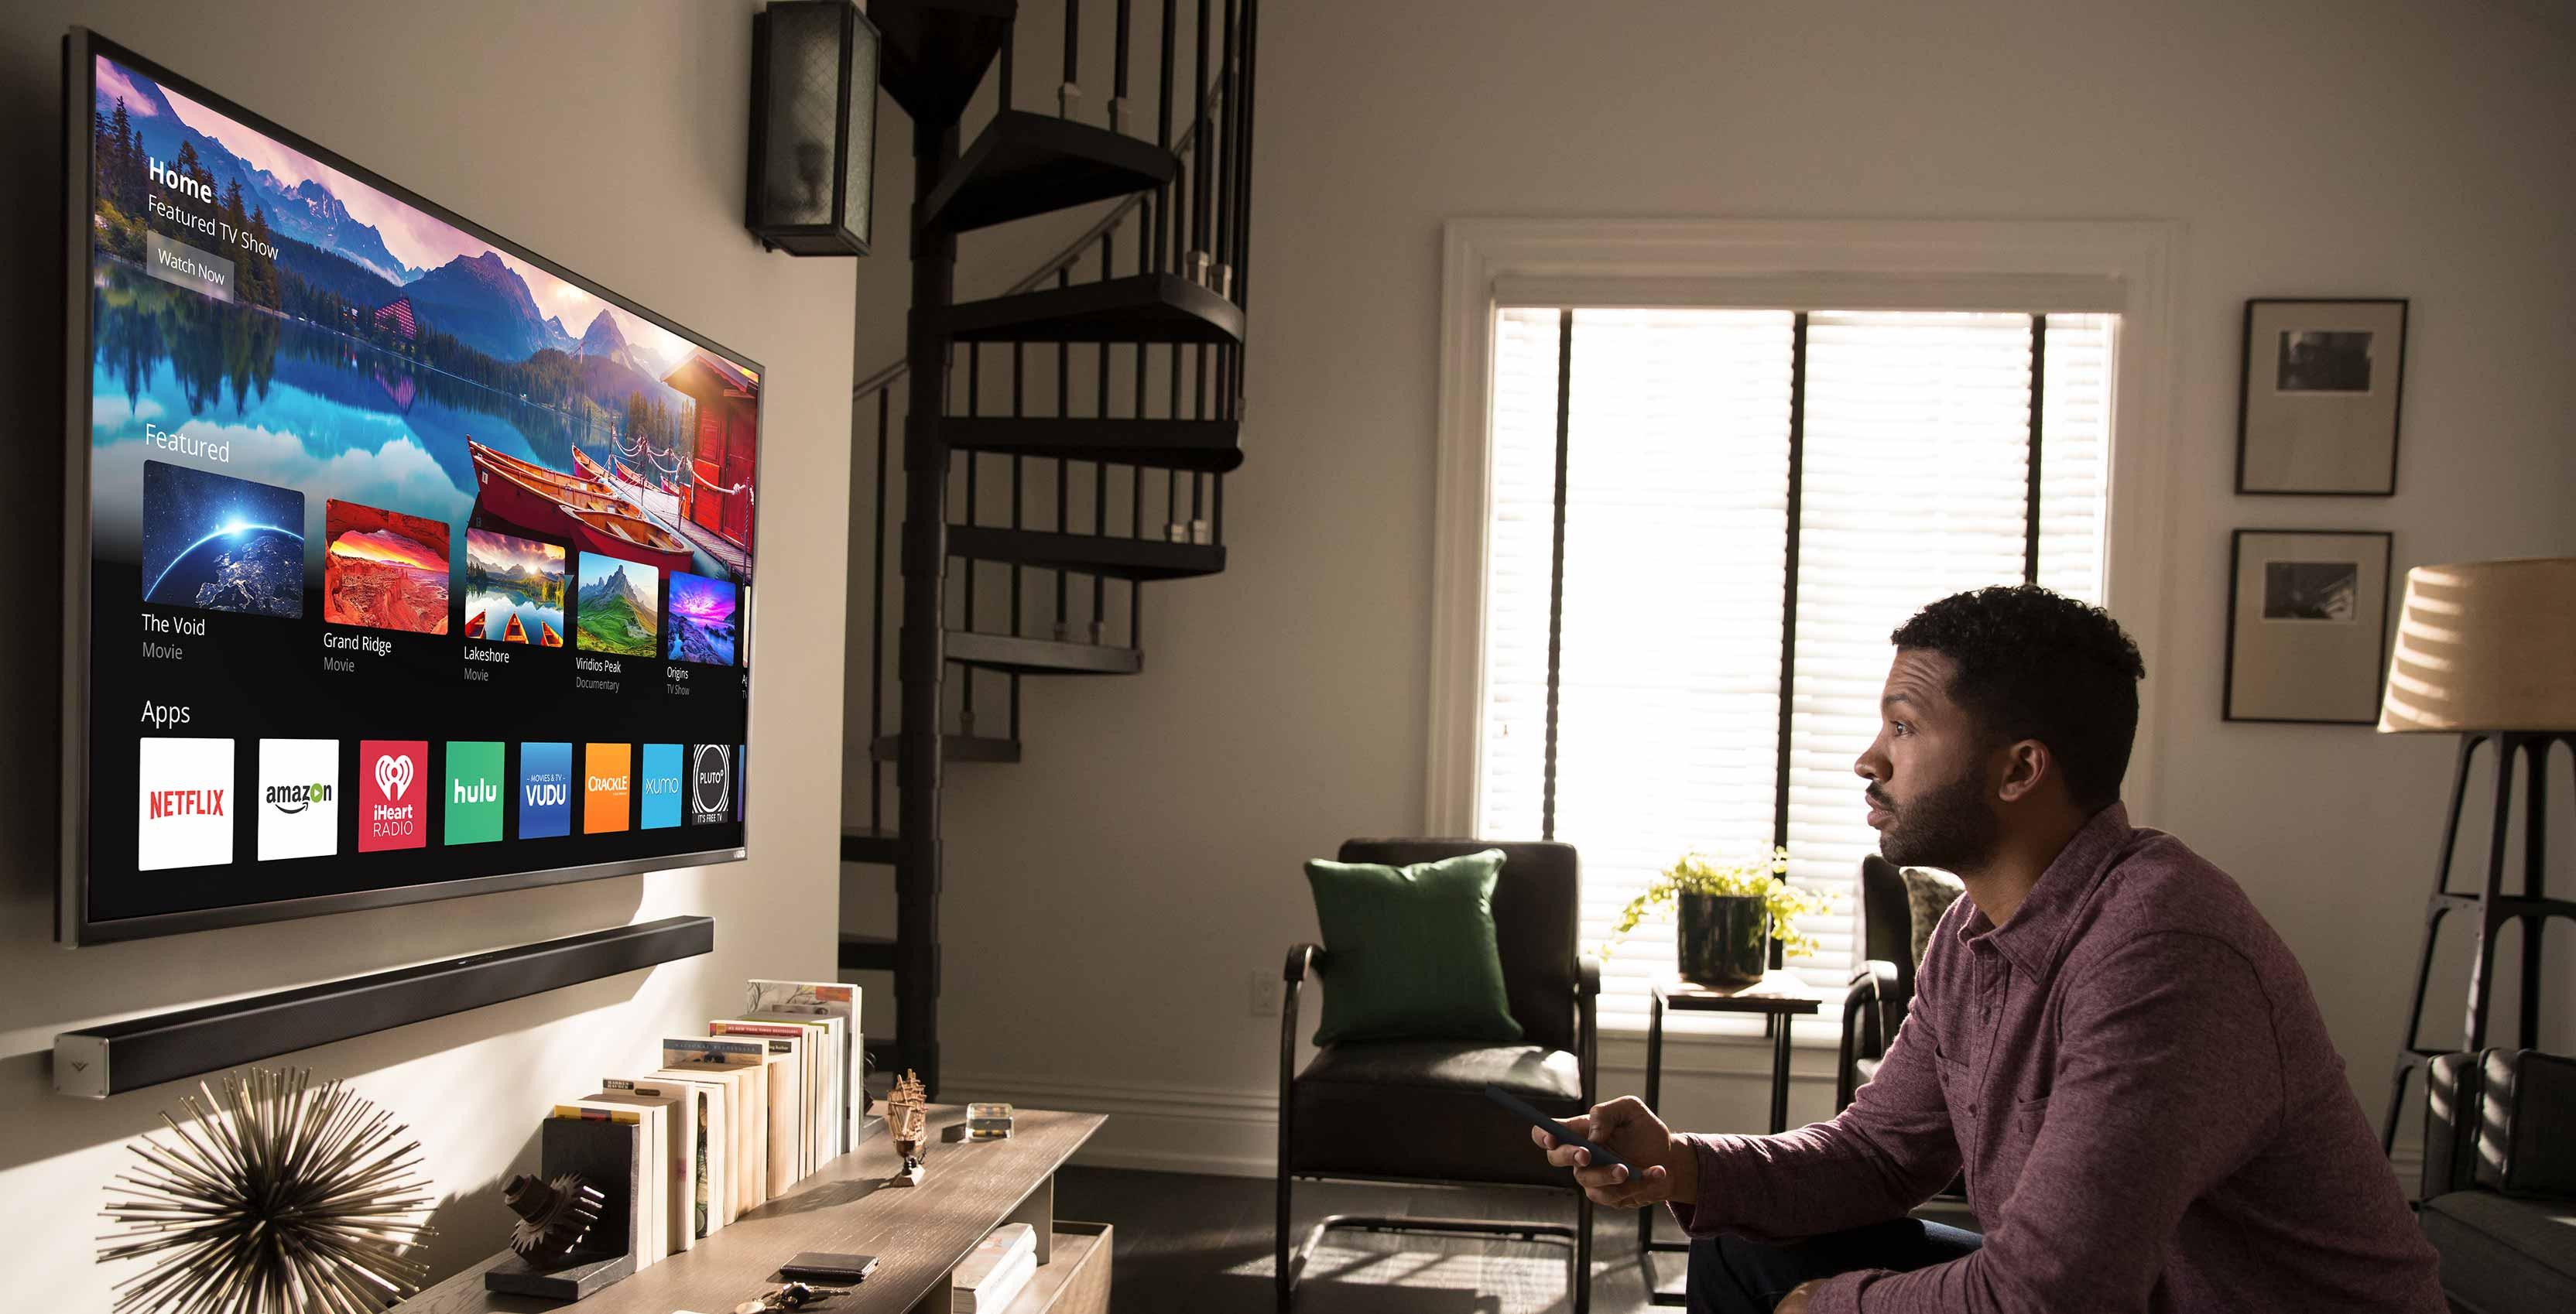 Vizio SmartCast TV launches in Canada for quicker app use